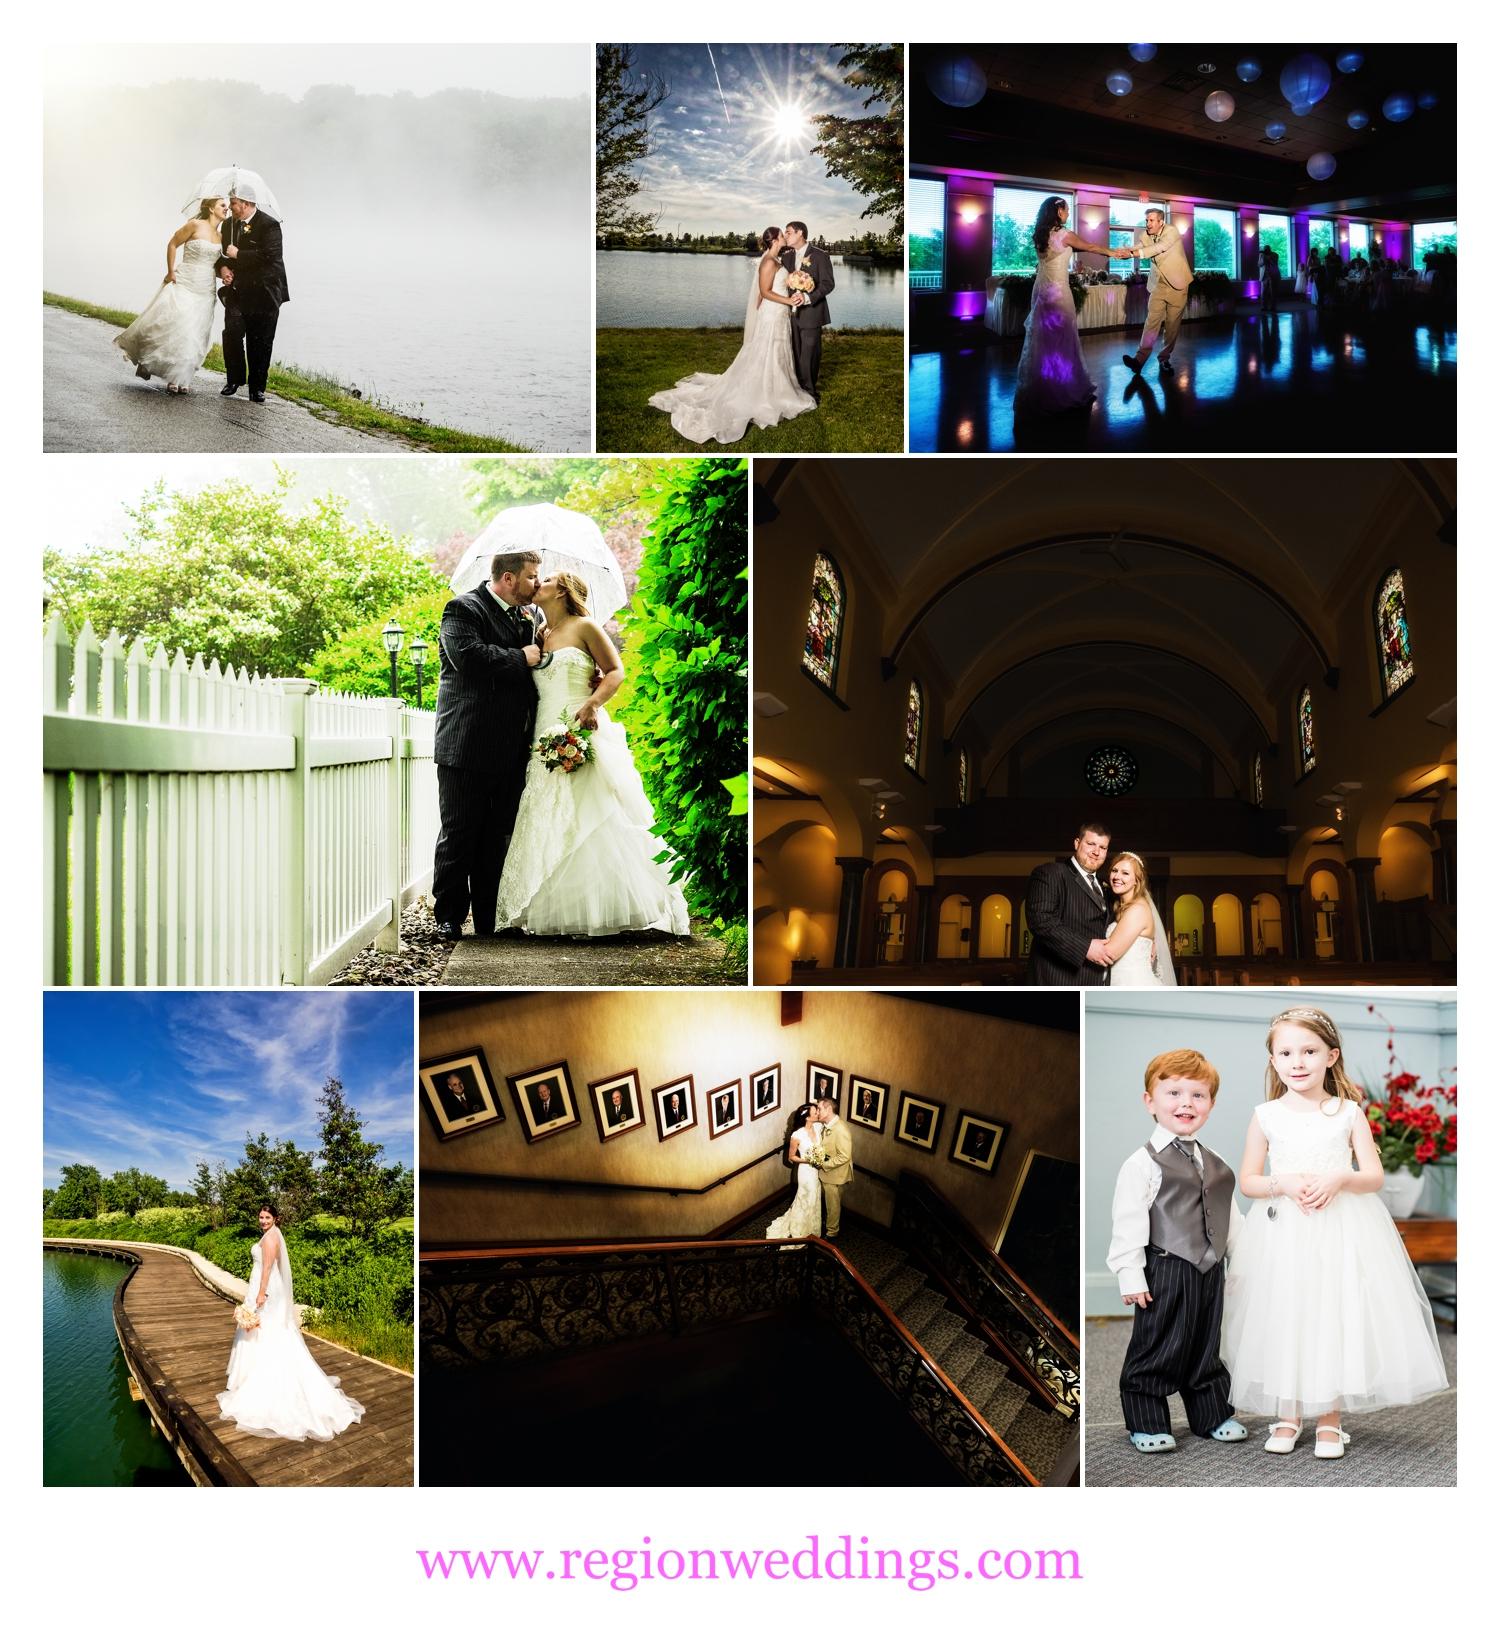 northwest-indiana-wedding-photography-collage3.jpg